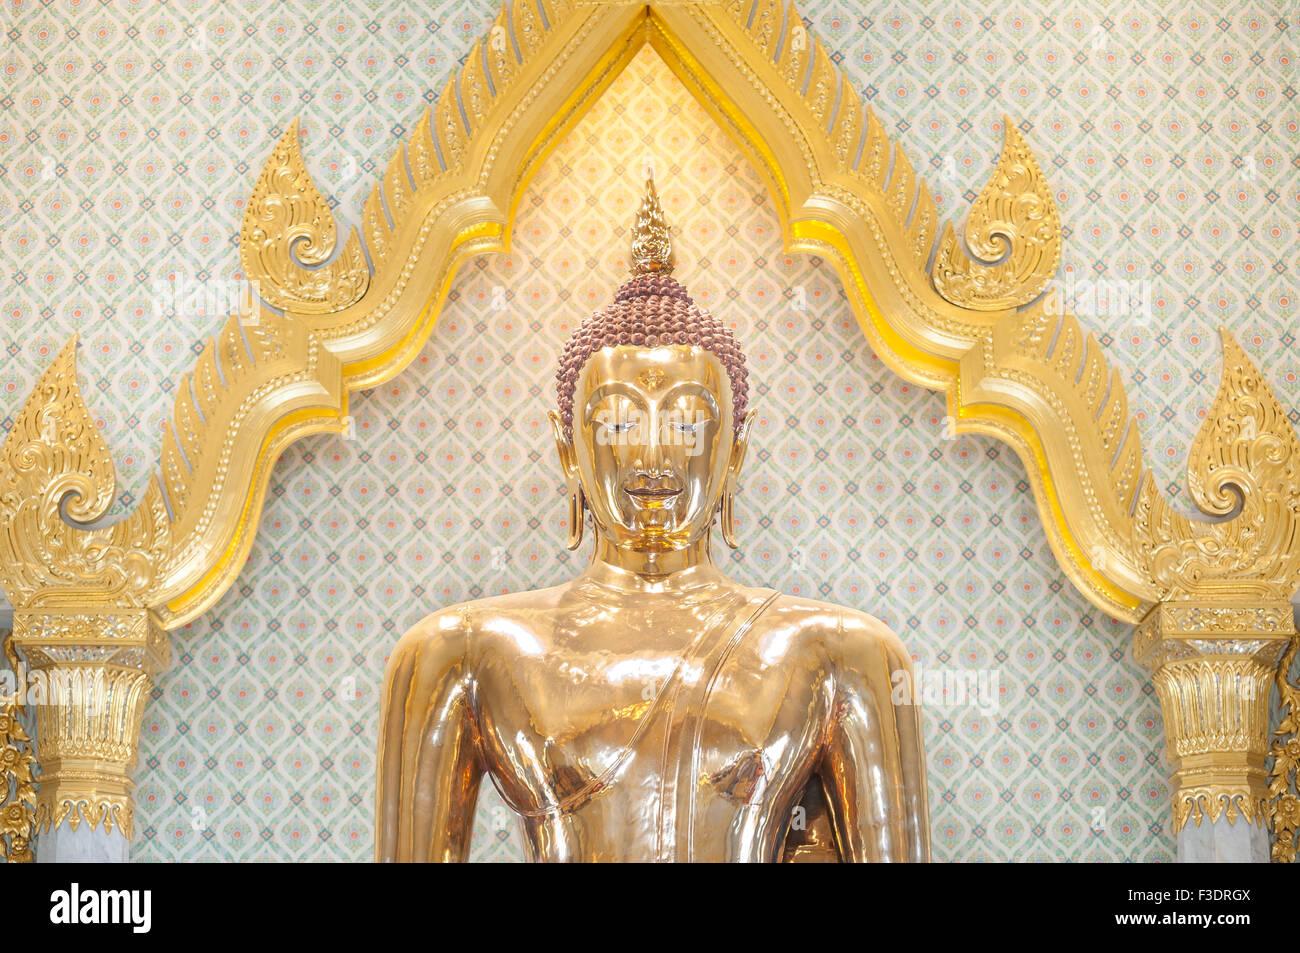 La estatua del Buda de oro sólido más grande en el mundo, el Wat Traimit, Bangkok, Tailandia Imagen De Stock